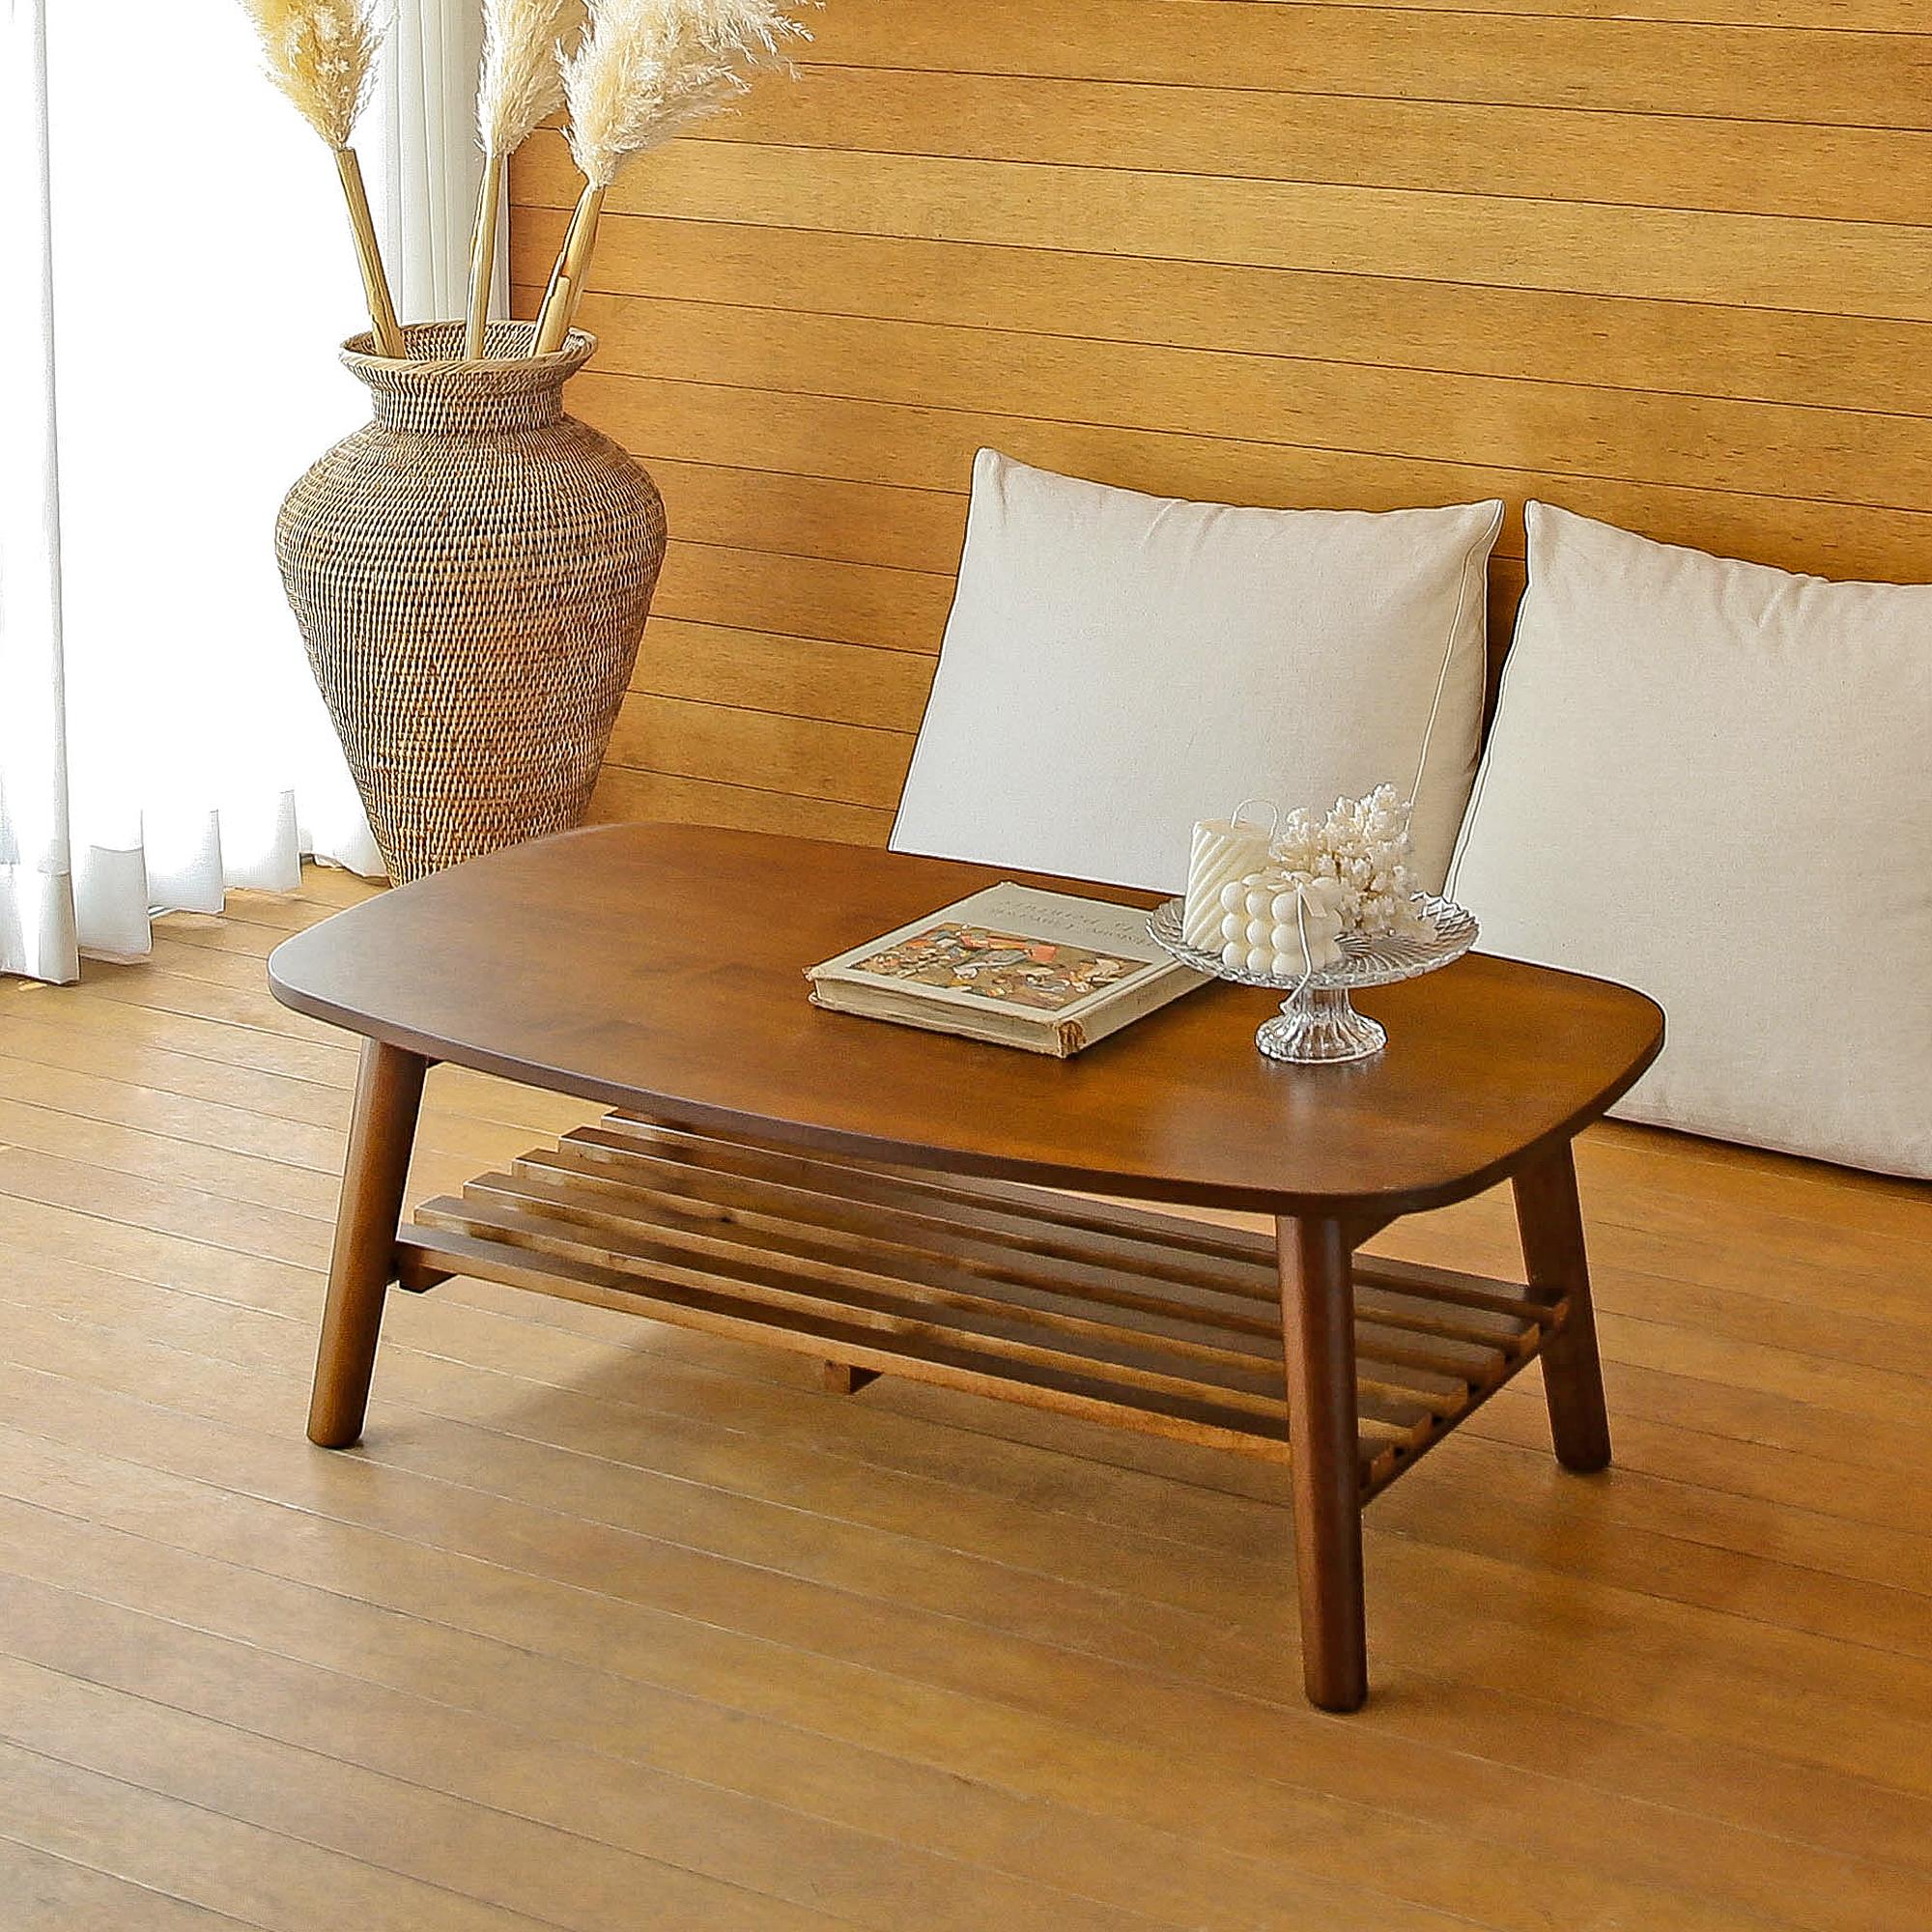 홈페리 라피네 선반 테이블, 월넛